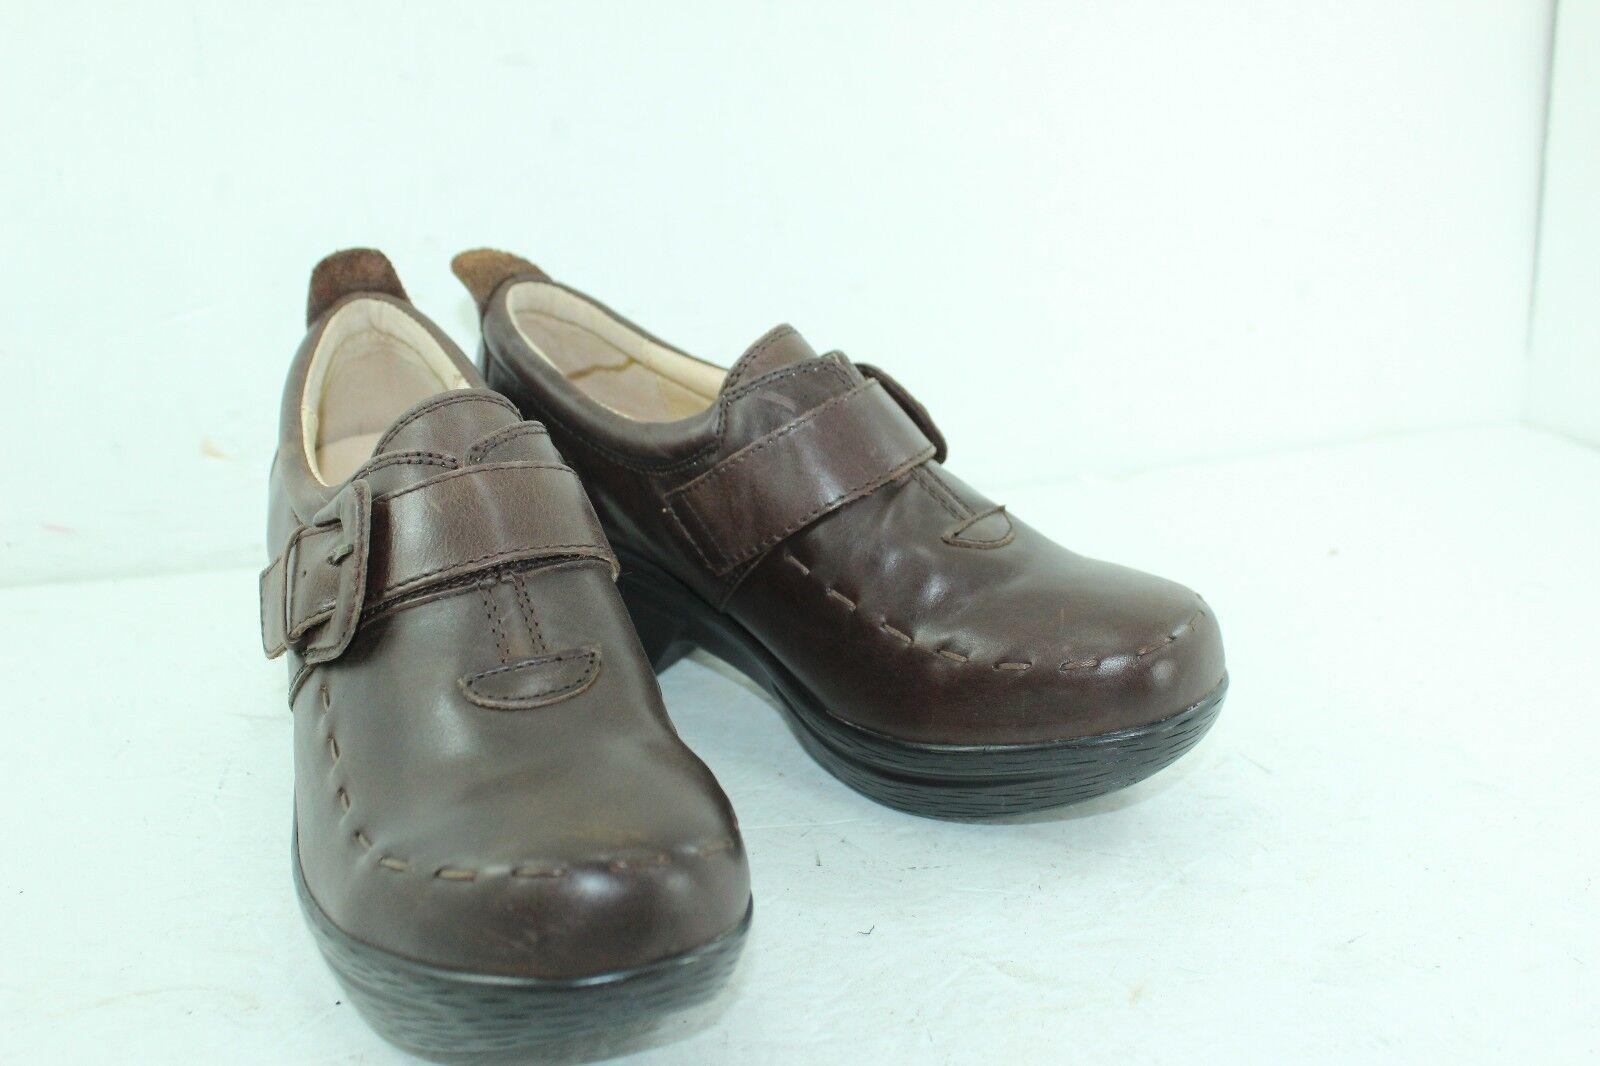 Sanita Professional Professional Professional Nicky Suze 40 marróns Cuero monje para Mujer  tienda de ventas outlet